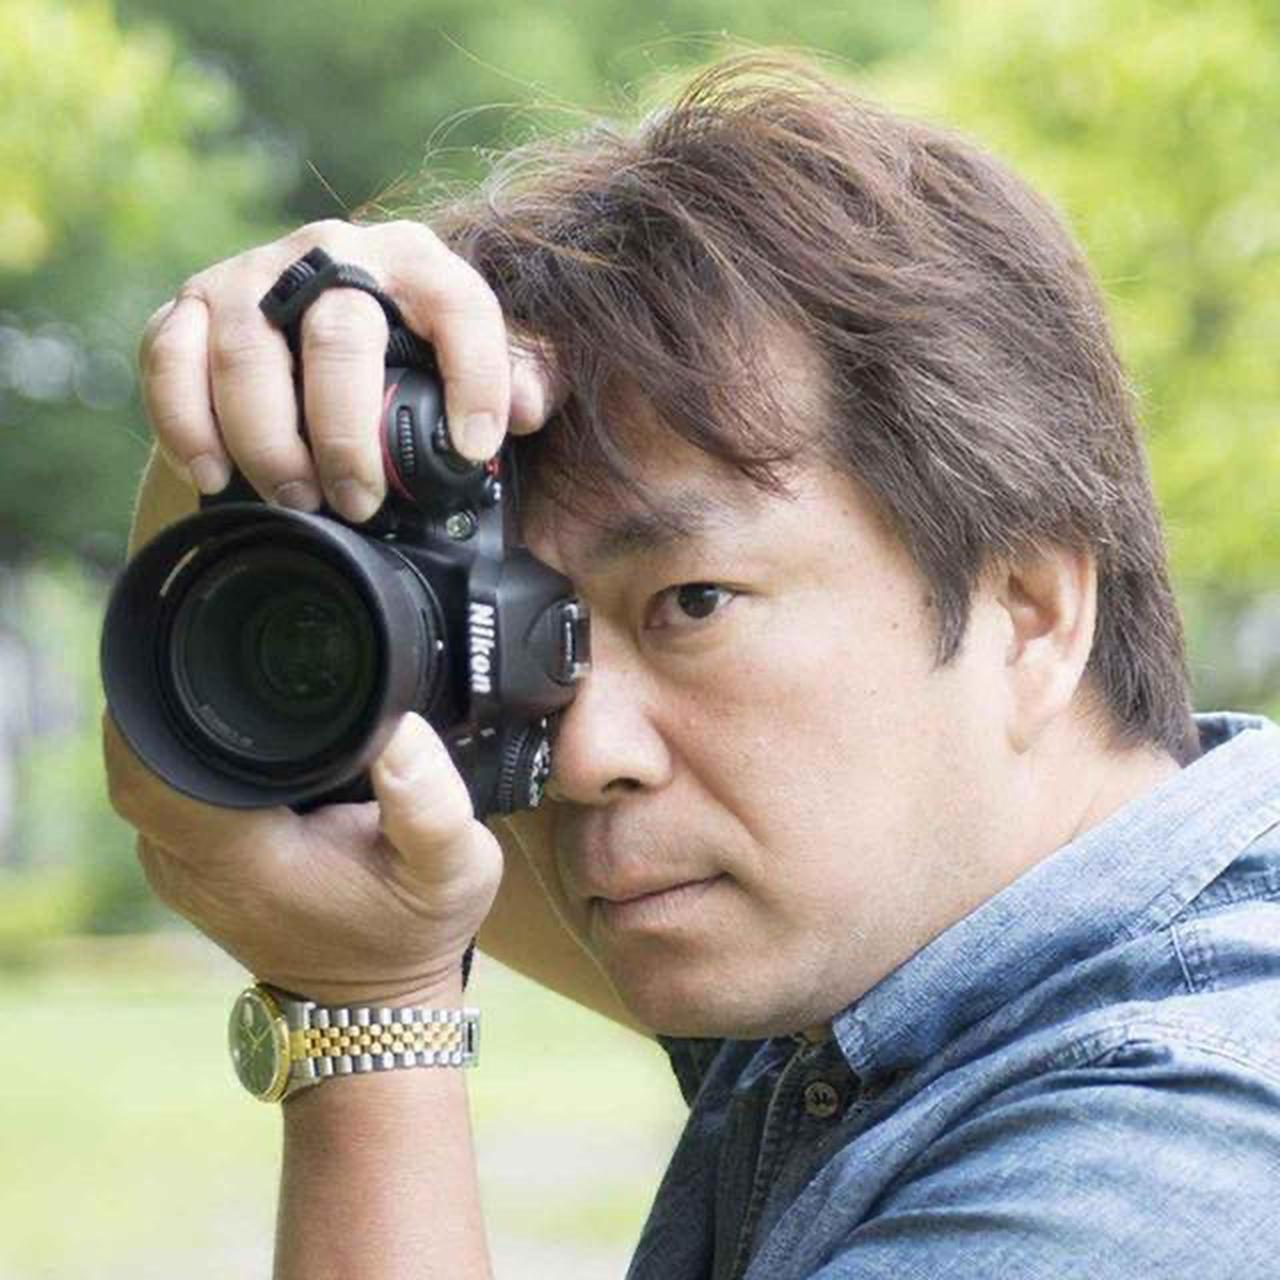 画像2: Photographer 河野英喜 撮影 Webカメラマンオリジナルコンテンツ『発掘!アイドル図鑑』 FILE No.031 大関さおり 1/4